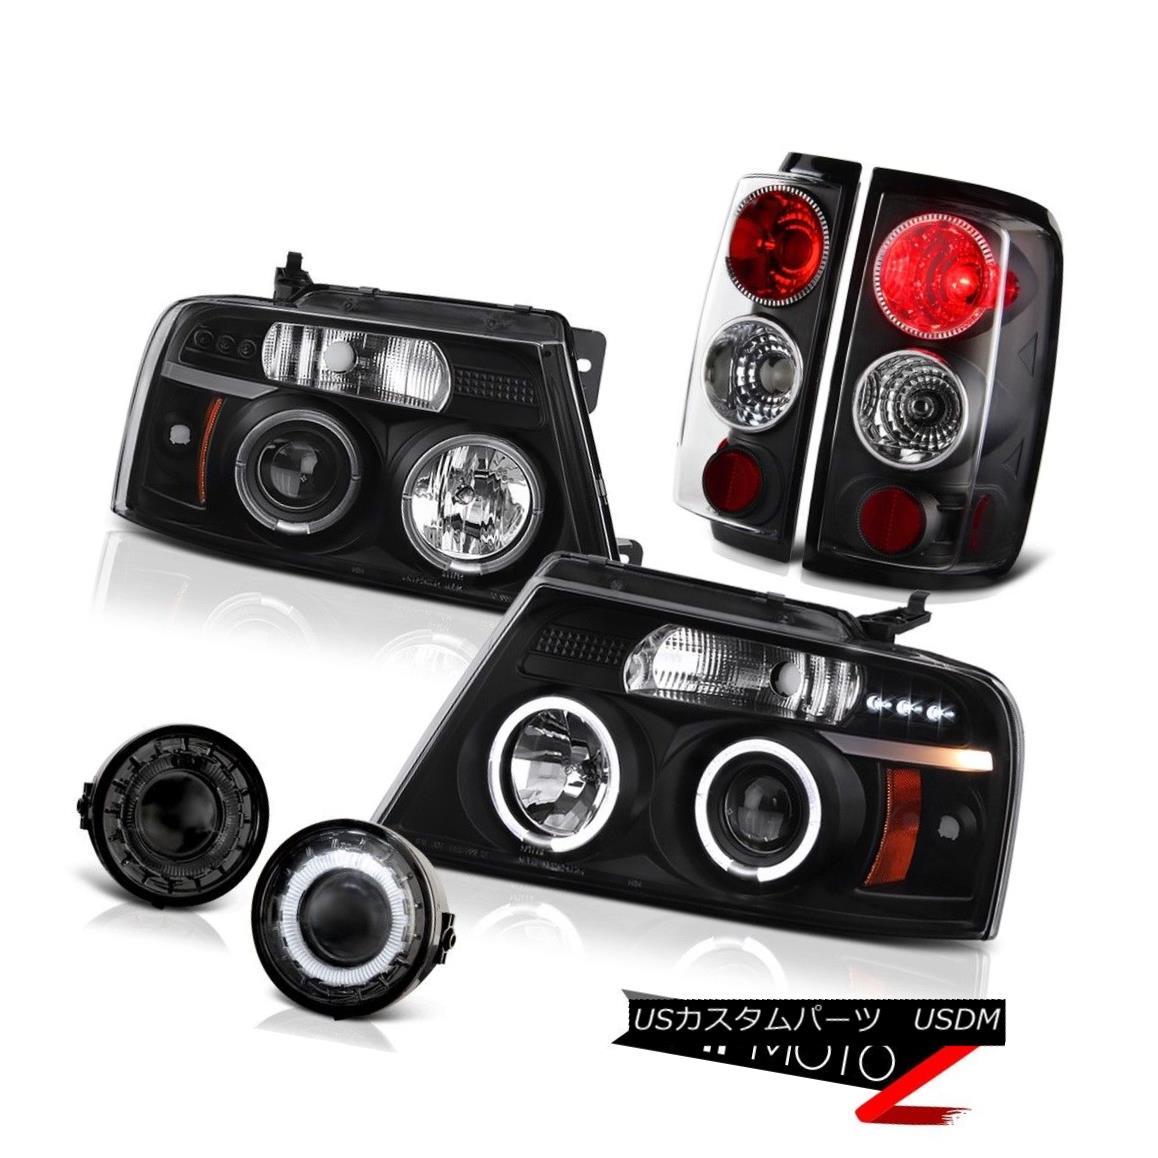 ヘッドライト 06 07 08 FORD F150 Truck Smoke Neon Halo Headlight Projector Fog Lamp Tail Light 06 07 08フォードF150トラックスモークネオンハローヘッドライトプロジェクターフォグランプテールライト